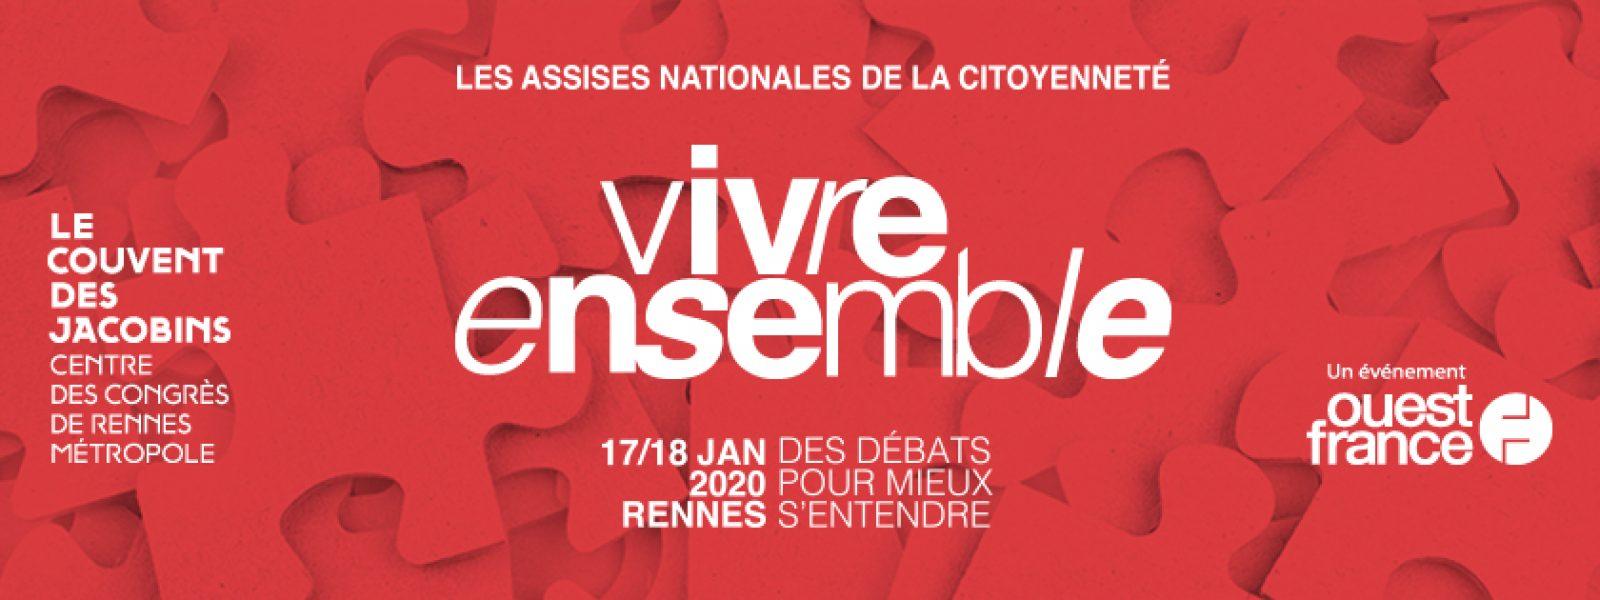 Vivre ensemble 2020 Rennes